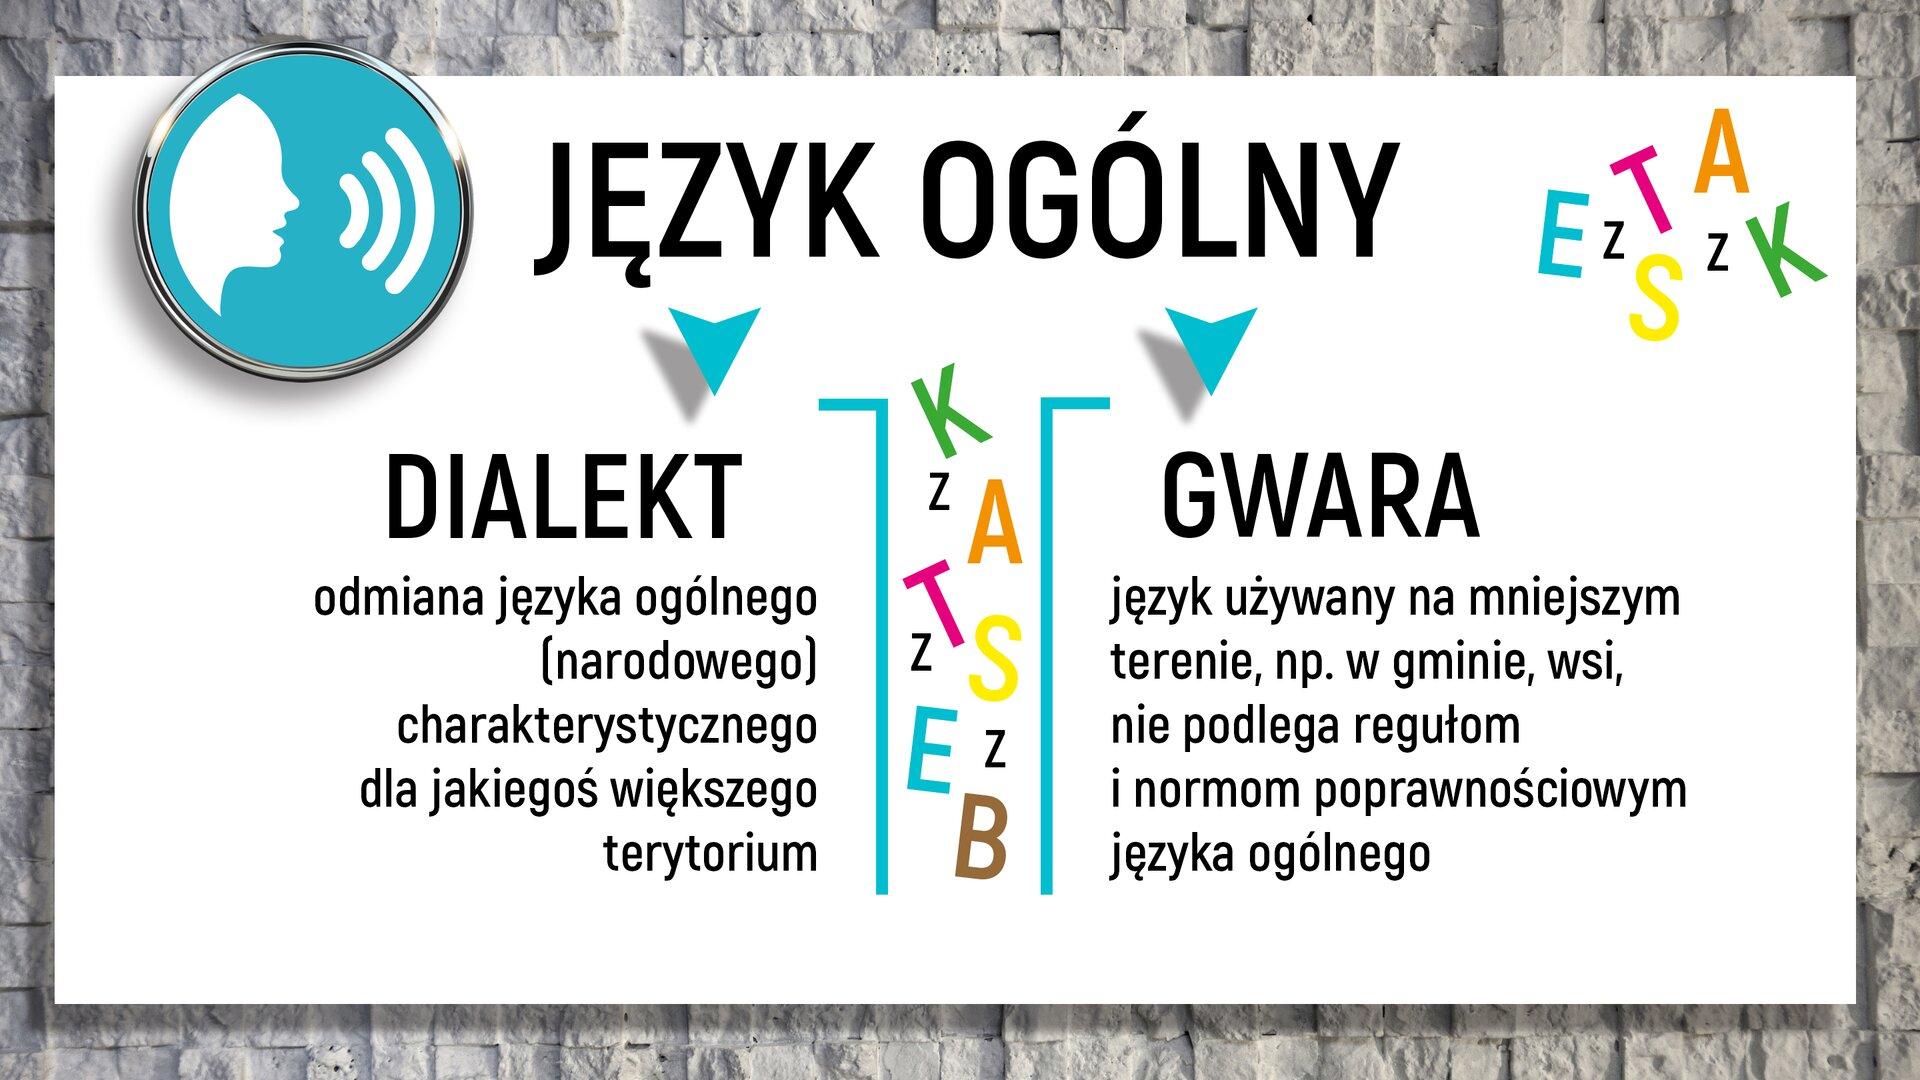 """Na górze schematu jest napis: """"JĘZYK OGÓLNY"""". Poniżej znajdują się dwa wyrazy: """"DIALEKT"""" i""""GWARA"""". Pod pierwszym znich znajduje się tekst: """"odmiana języka ogólnego (narodowego) charakterystycznego dla jakiegoś większego terytorium"""", apod drugim: """"język używany na mniejszym terenie, np. wgminie, wsi, nie podlega regułom inormom poprawnościowym języka ogólnego""""."""